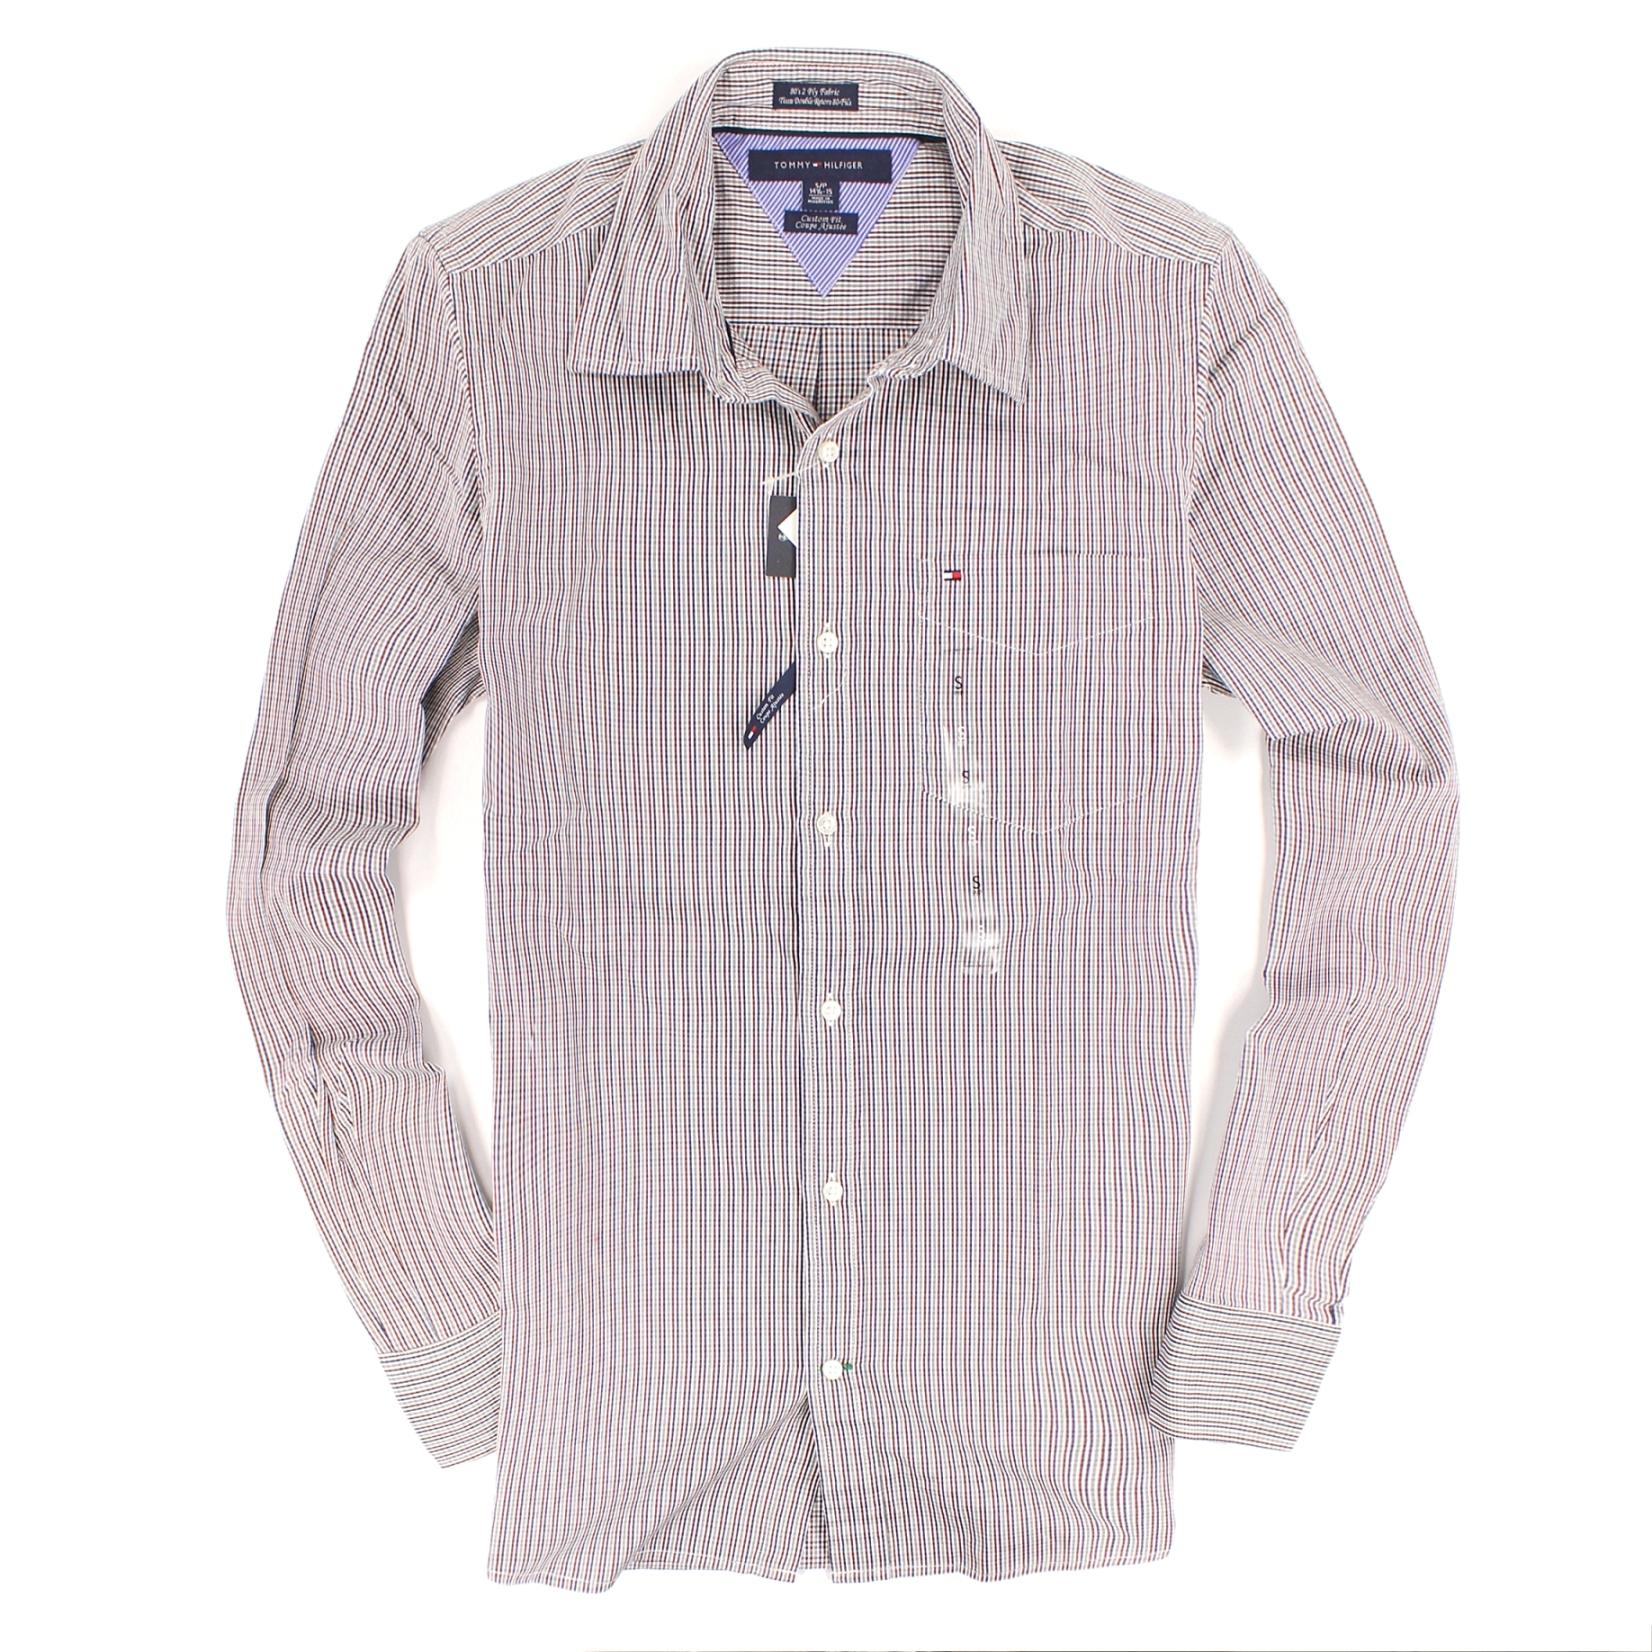 美國百分百【全新真品】Tommy Hilfiger 襯衫 TH 長袖 上衣 咖啡 格紋 純棉 口袋 休閒 男衣 XS號